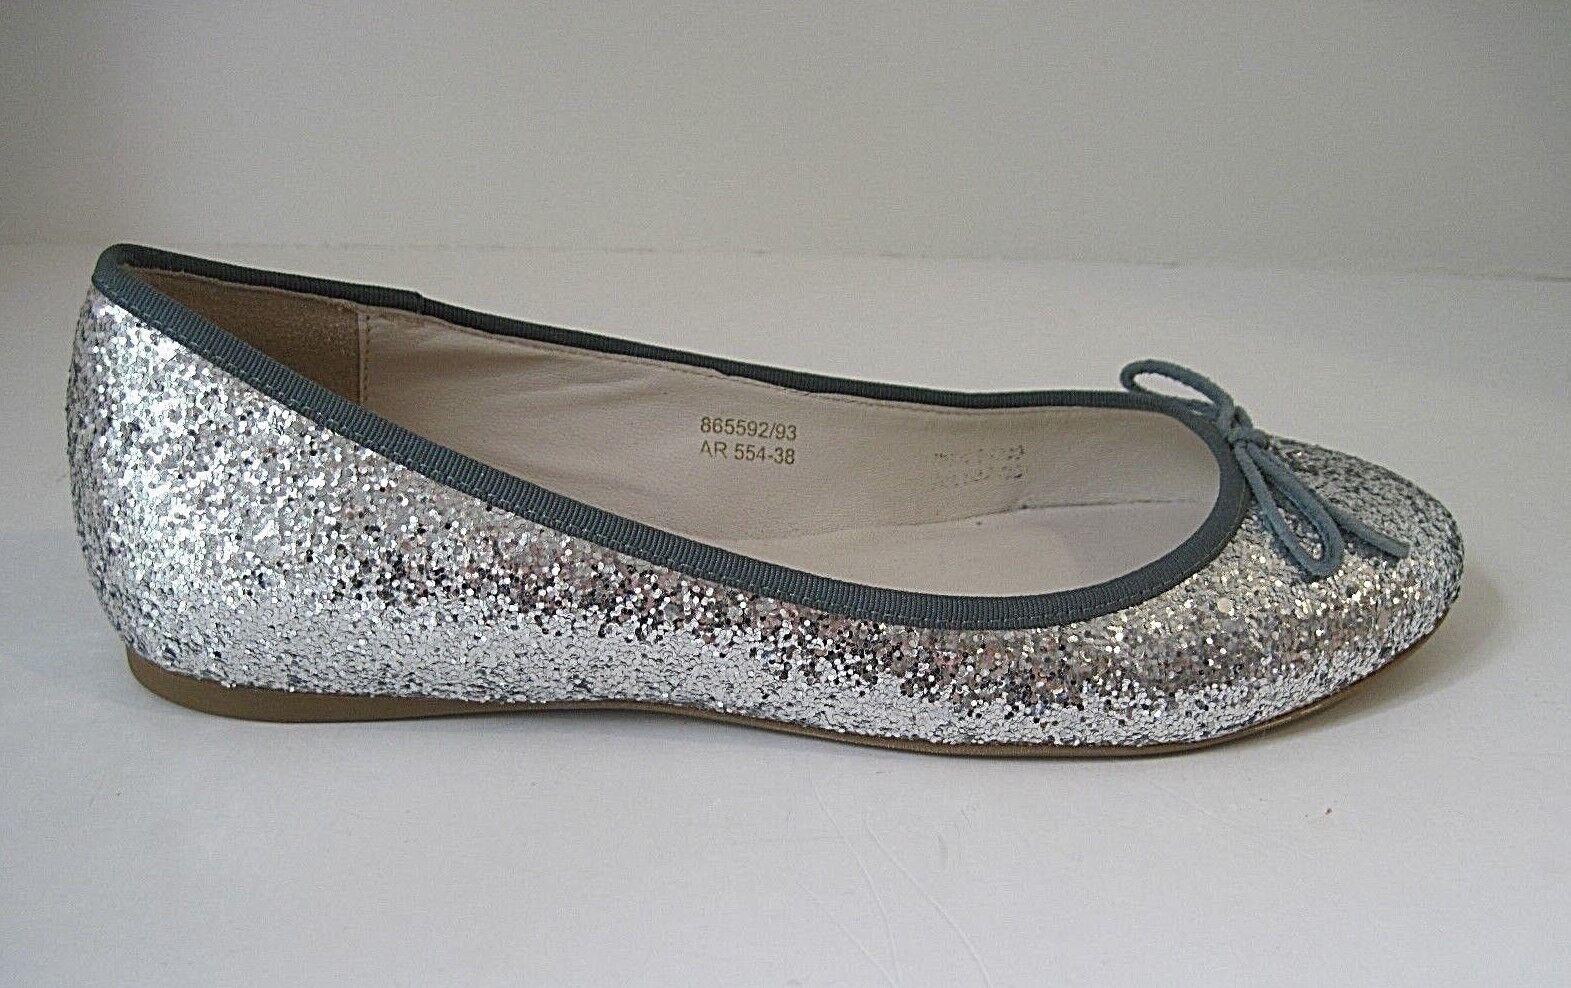 Boden Silver Glitter Flats Green Canvas Trim Front Bow Größe 38, NEU